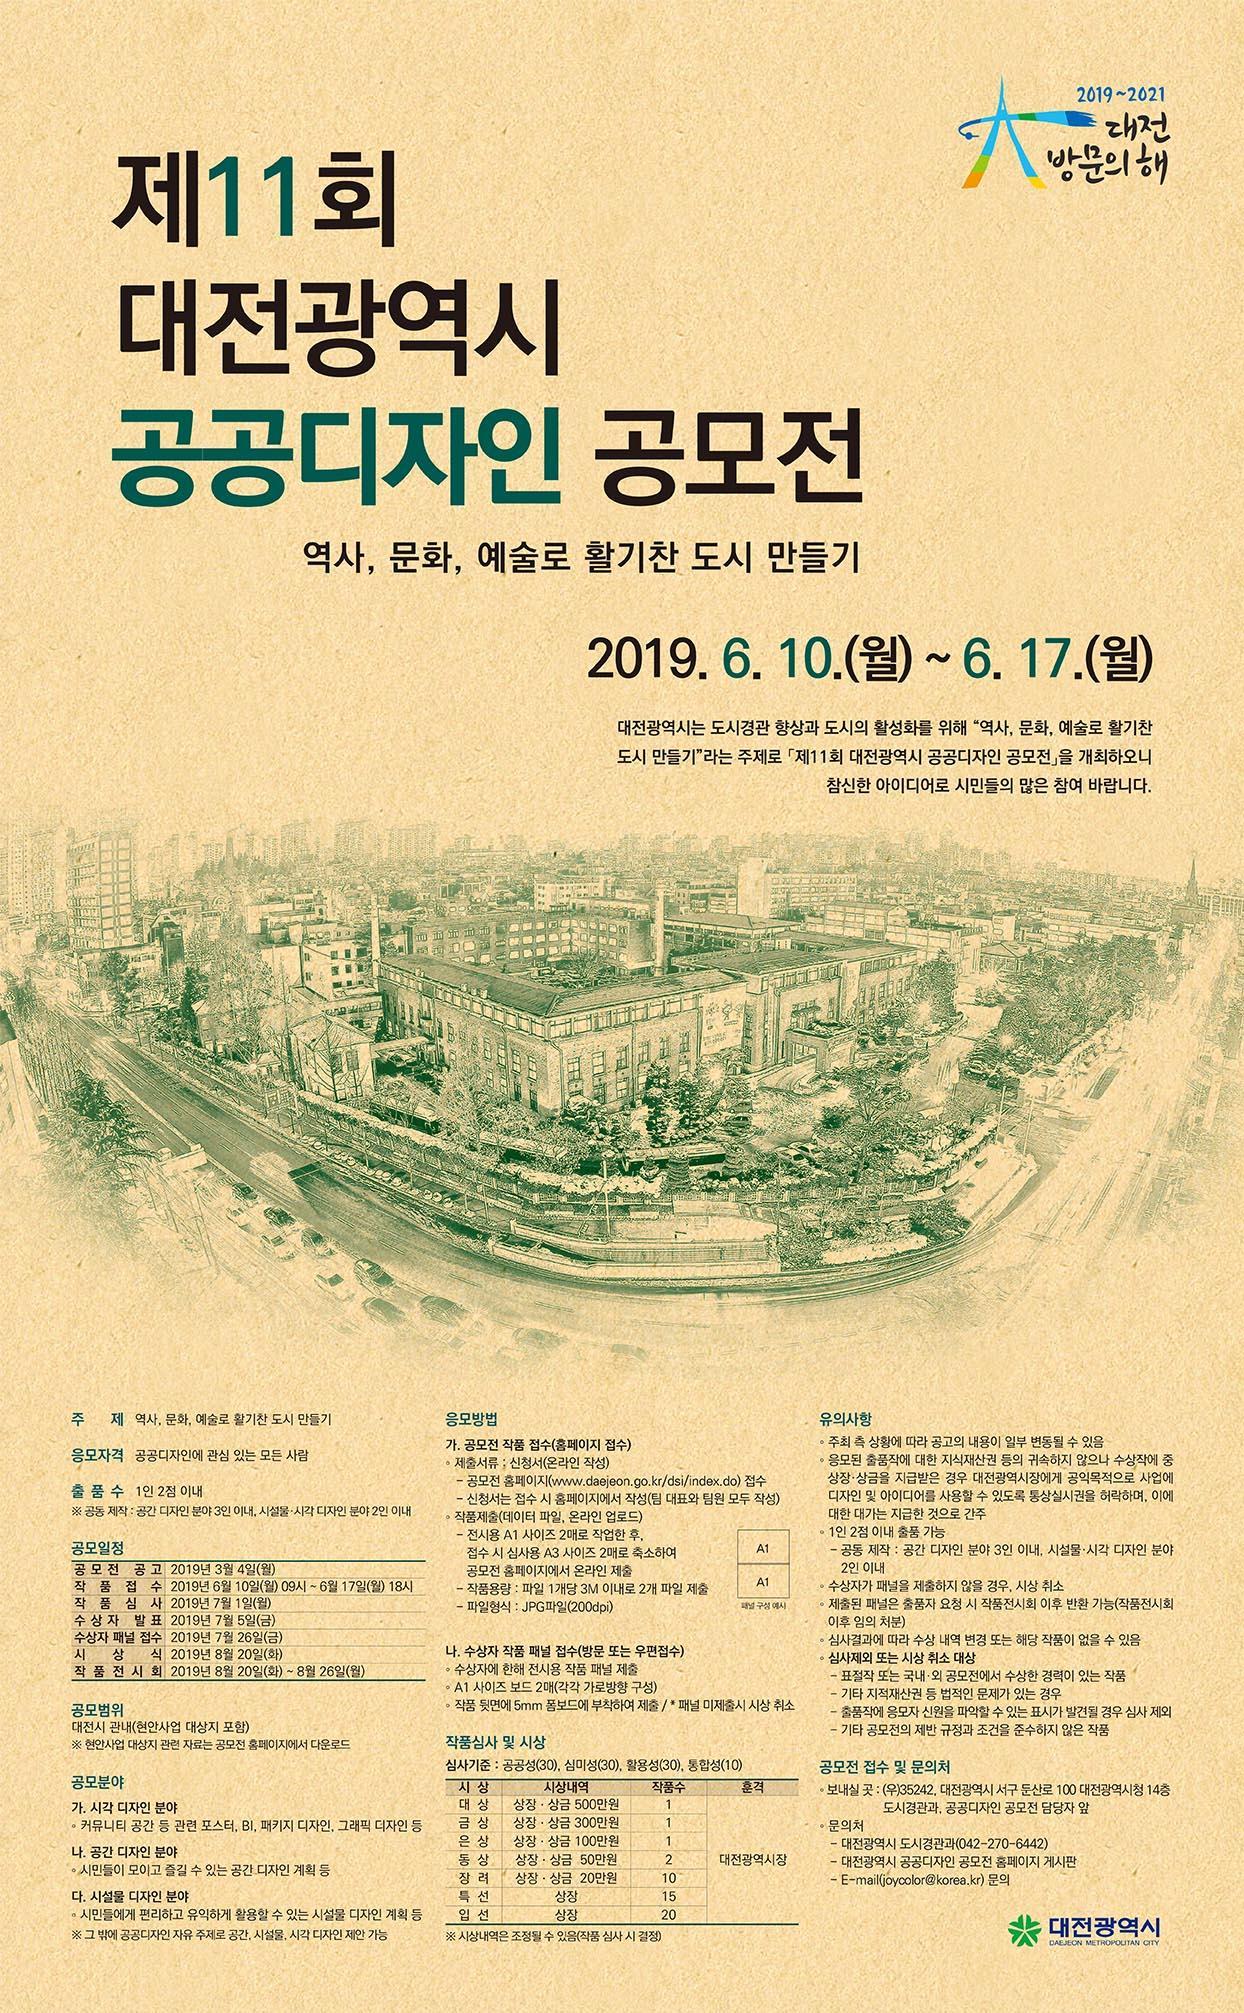 제11회 대전광역시 공공디자인 공모전